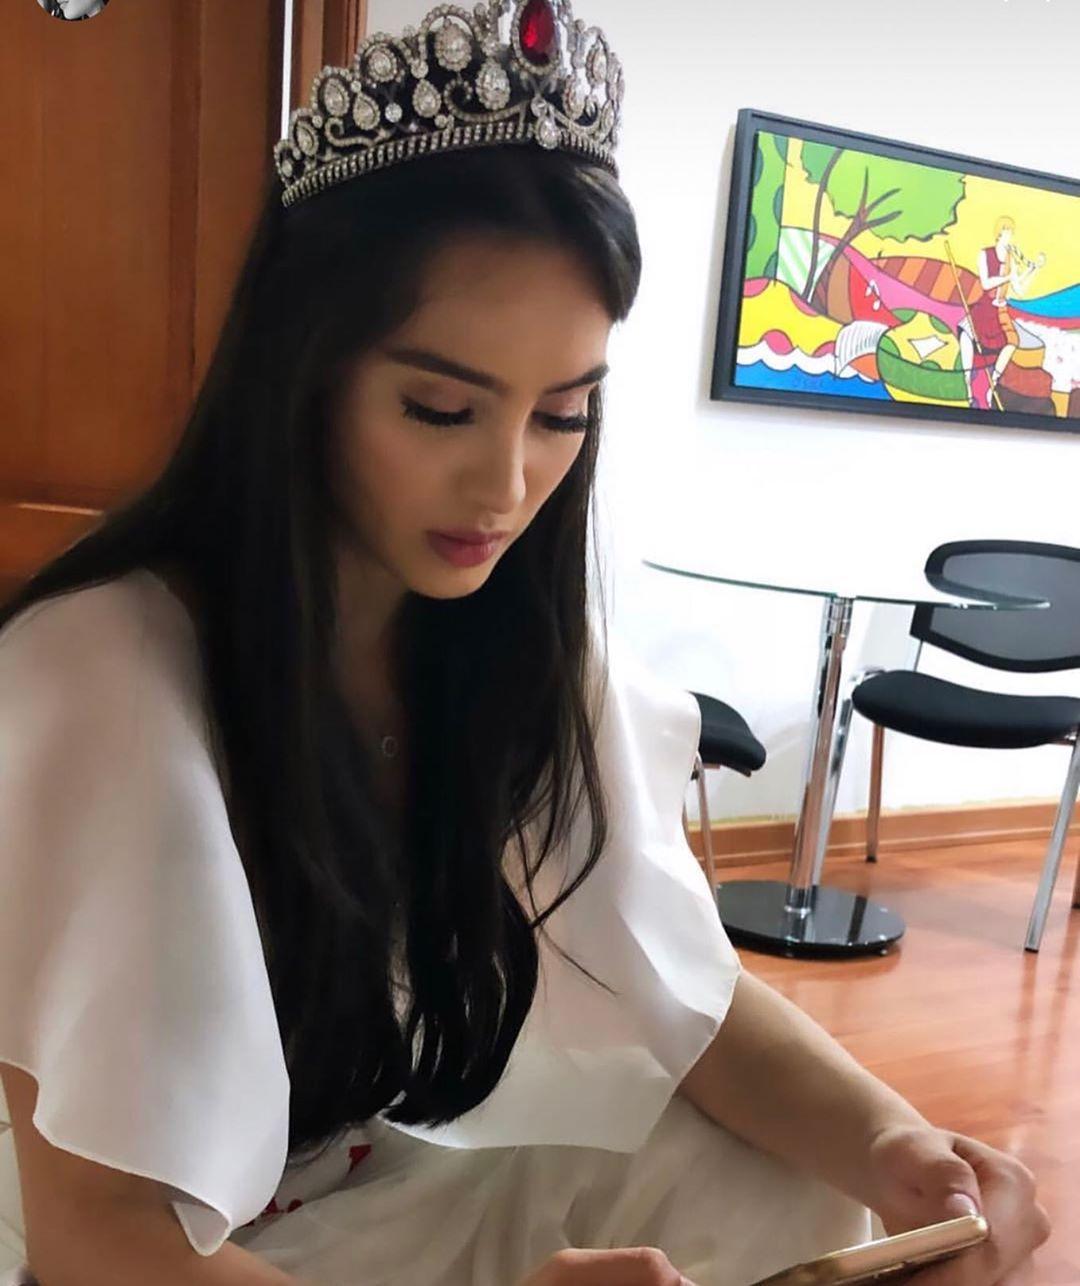 maria alejandra vengoechea, 3rd runner-up de miss international 2019. - Página 2 70833110